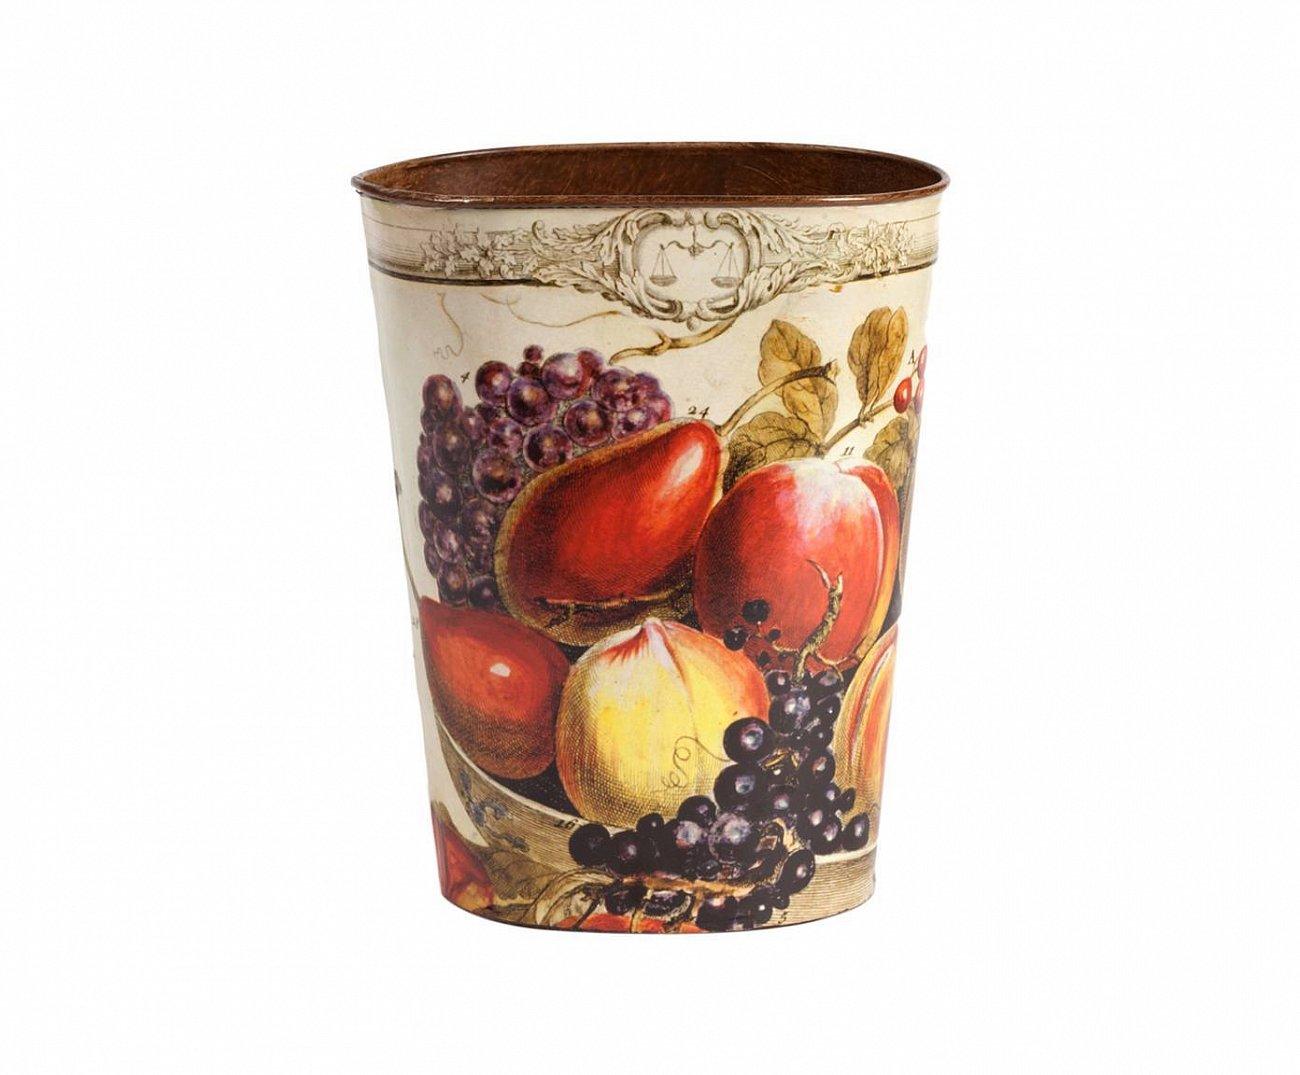 Купить Декоративный цветочный горшок Bacca в интернет магазине дизайнерской мебели и аксессуаров для дома и дачи